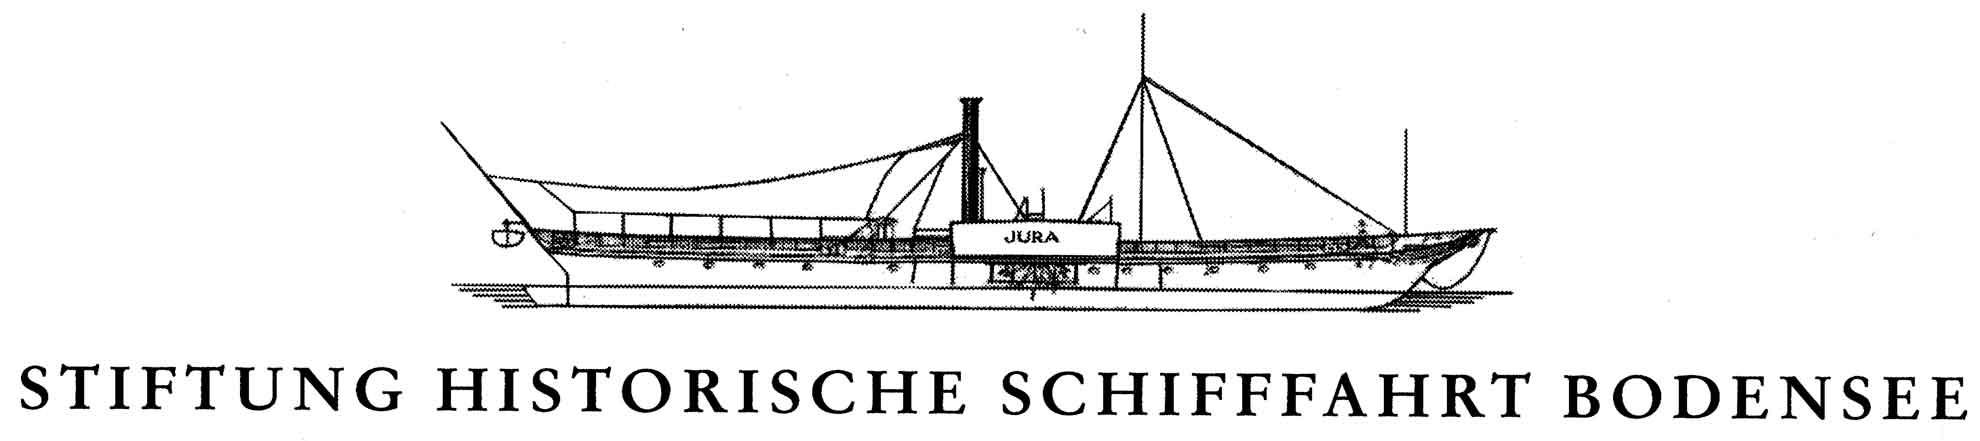 Stiftung Historische  Schifffahrt Bodensee